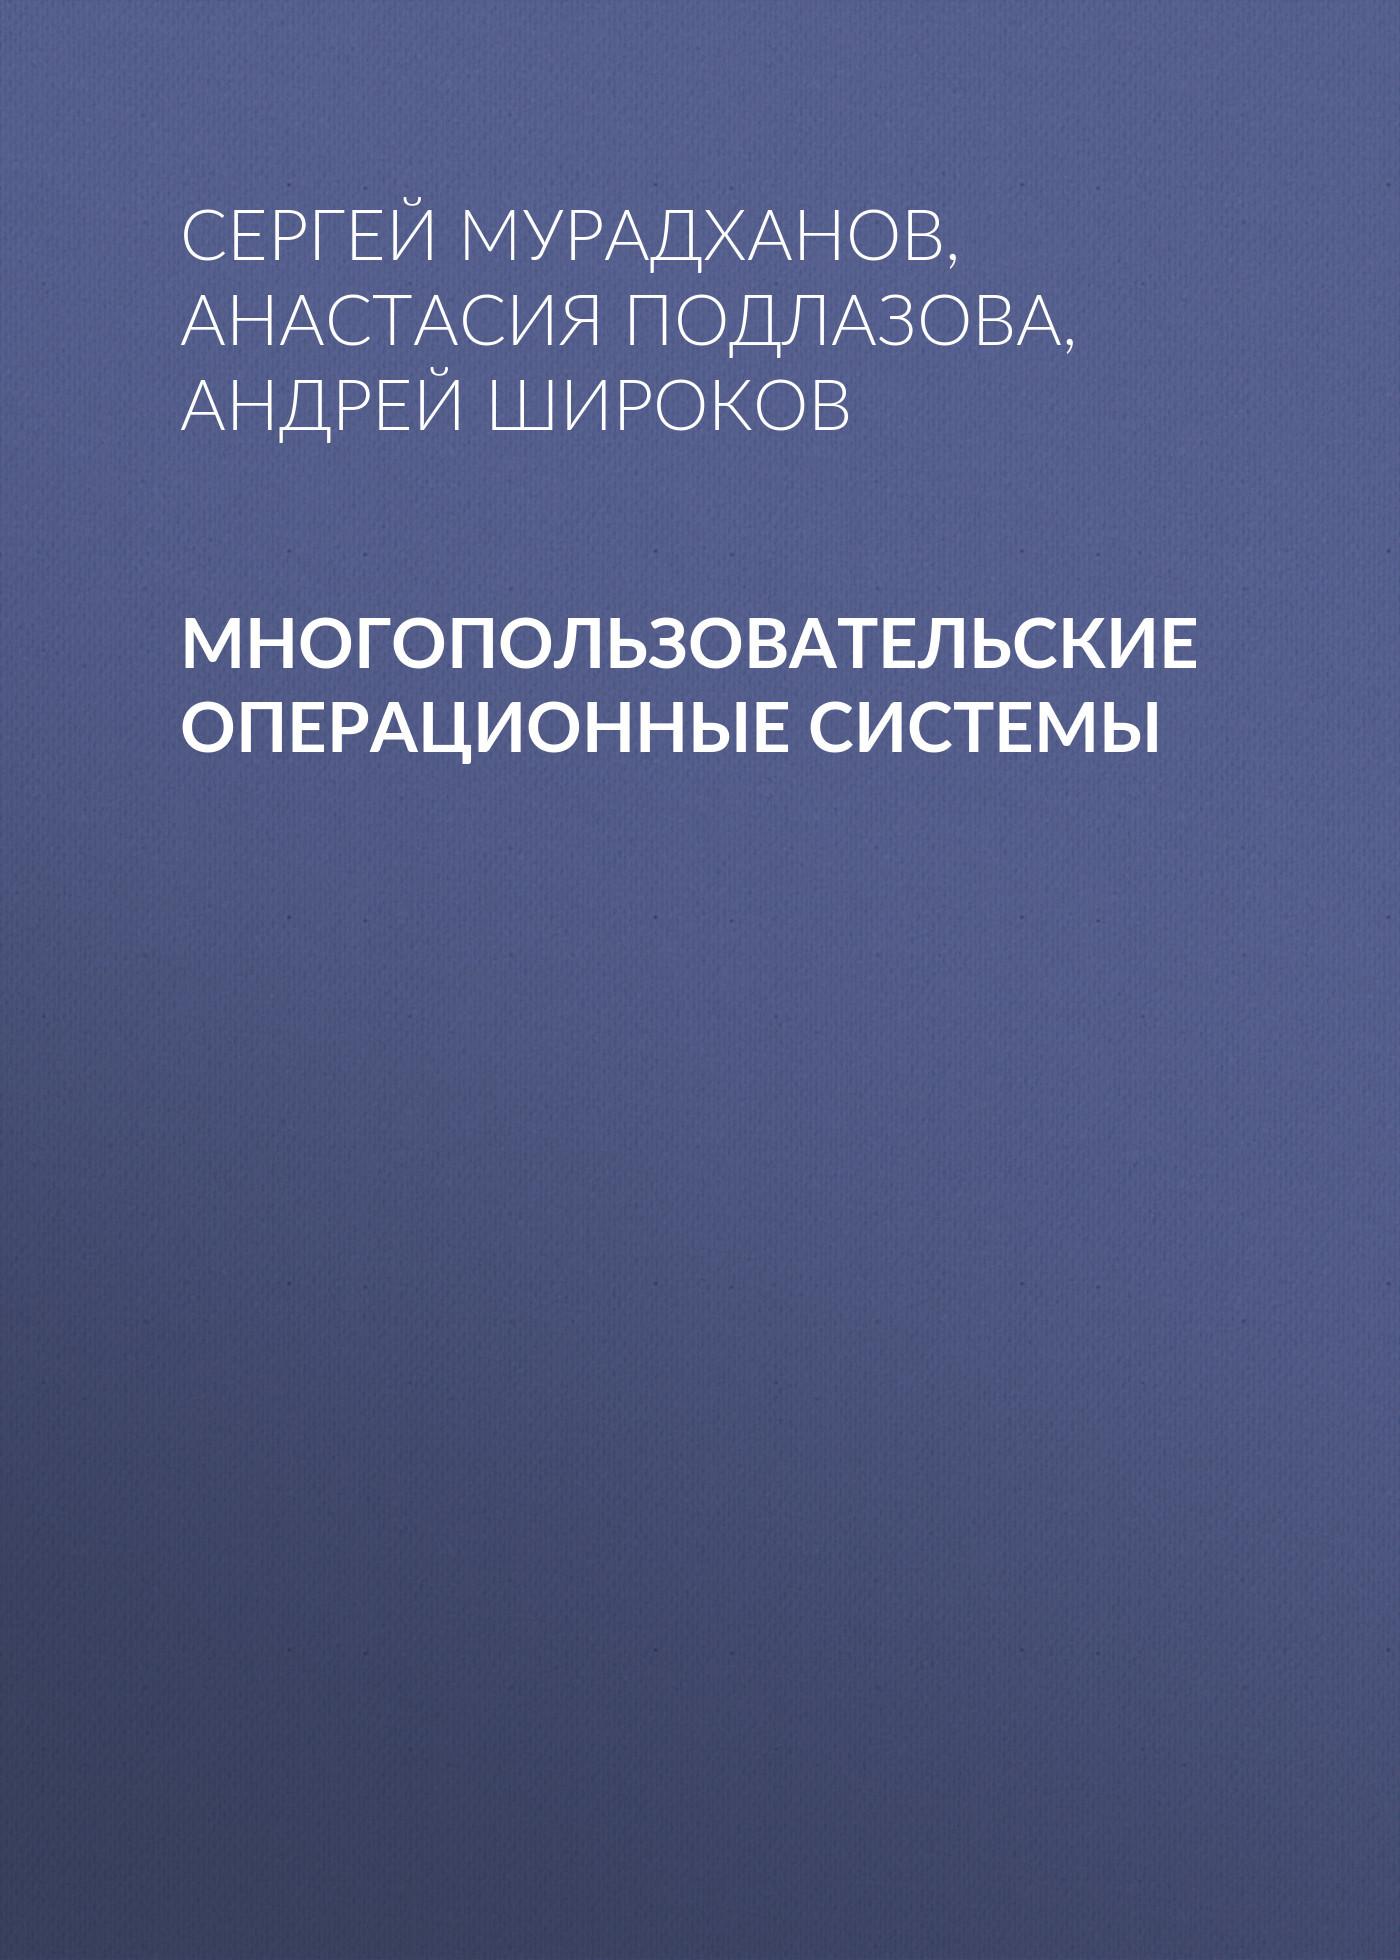 цена на Андрей Широков Многопользовательские операционные системы